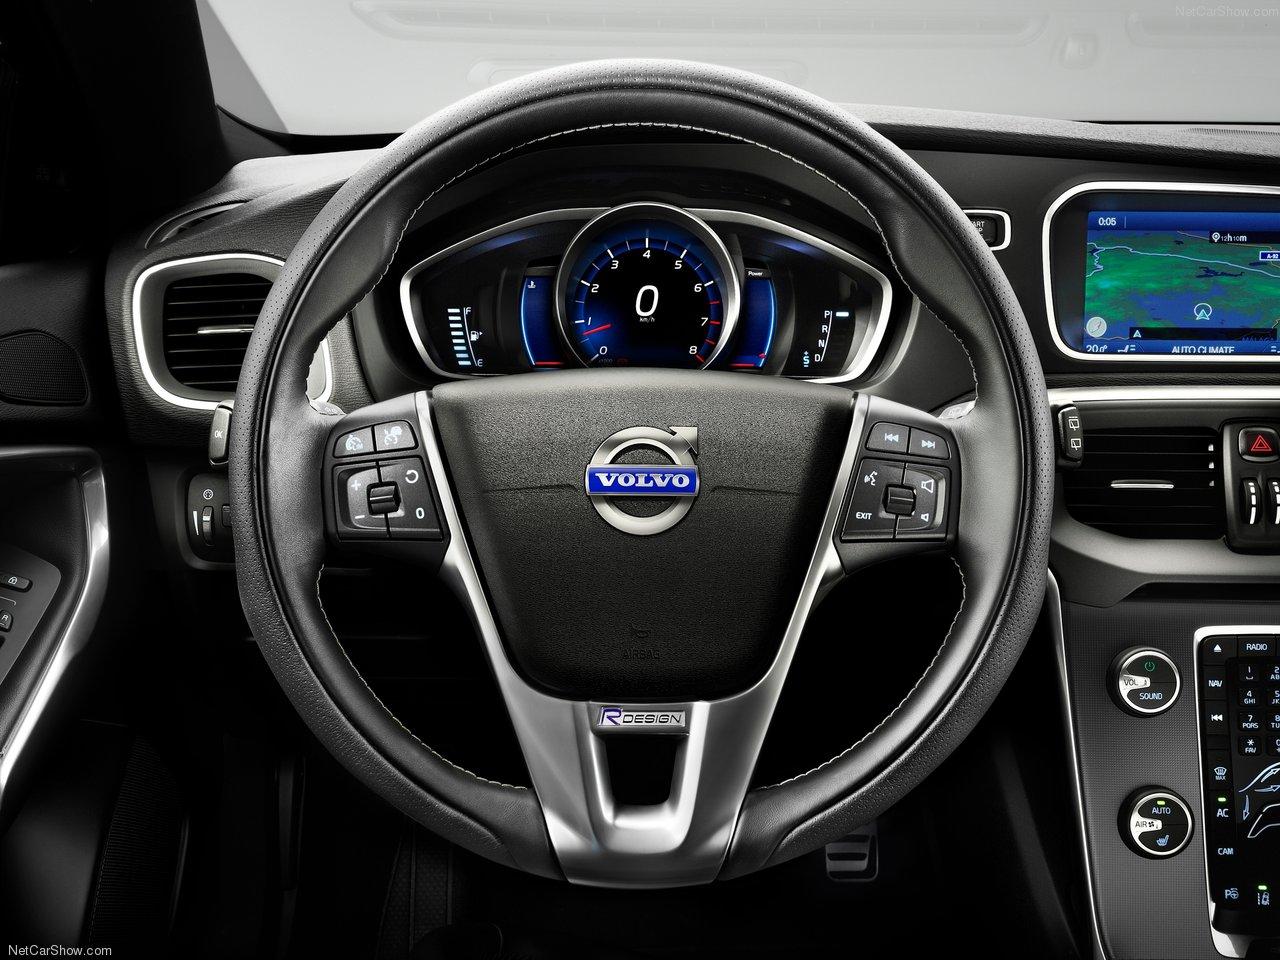 Volvo V40 R-Design 2013 Volvo-V40_R-Design-2013-1280-08